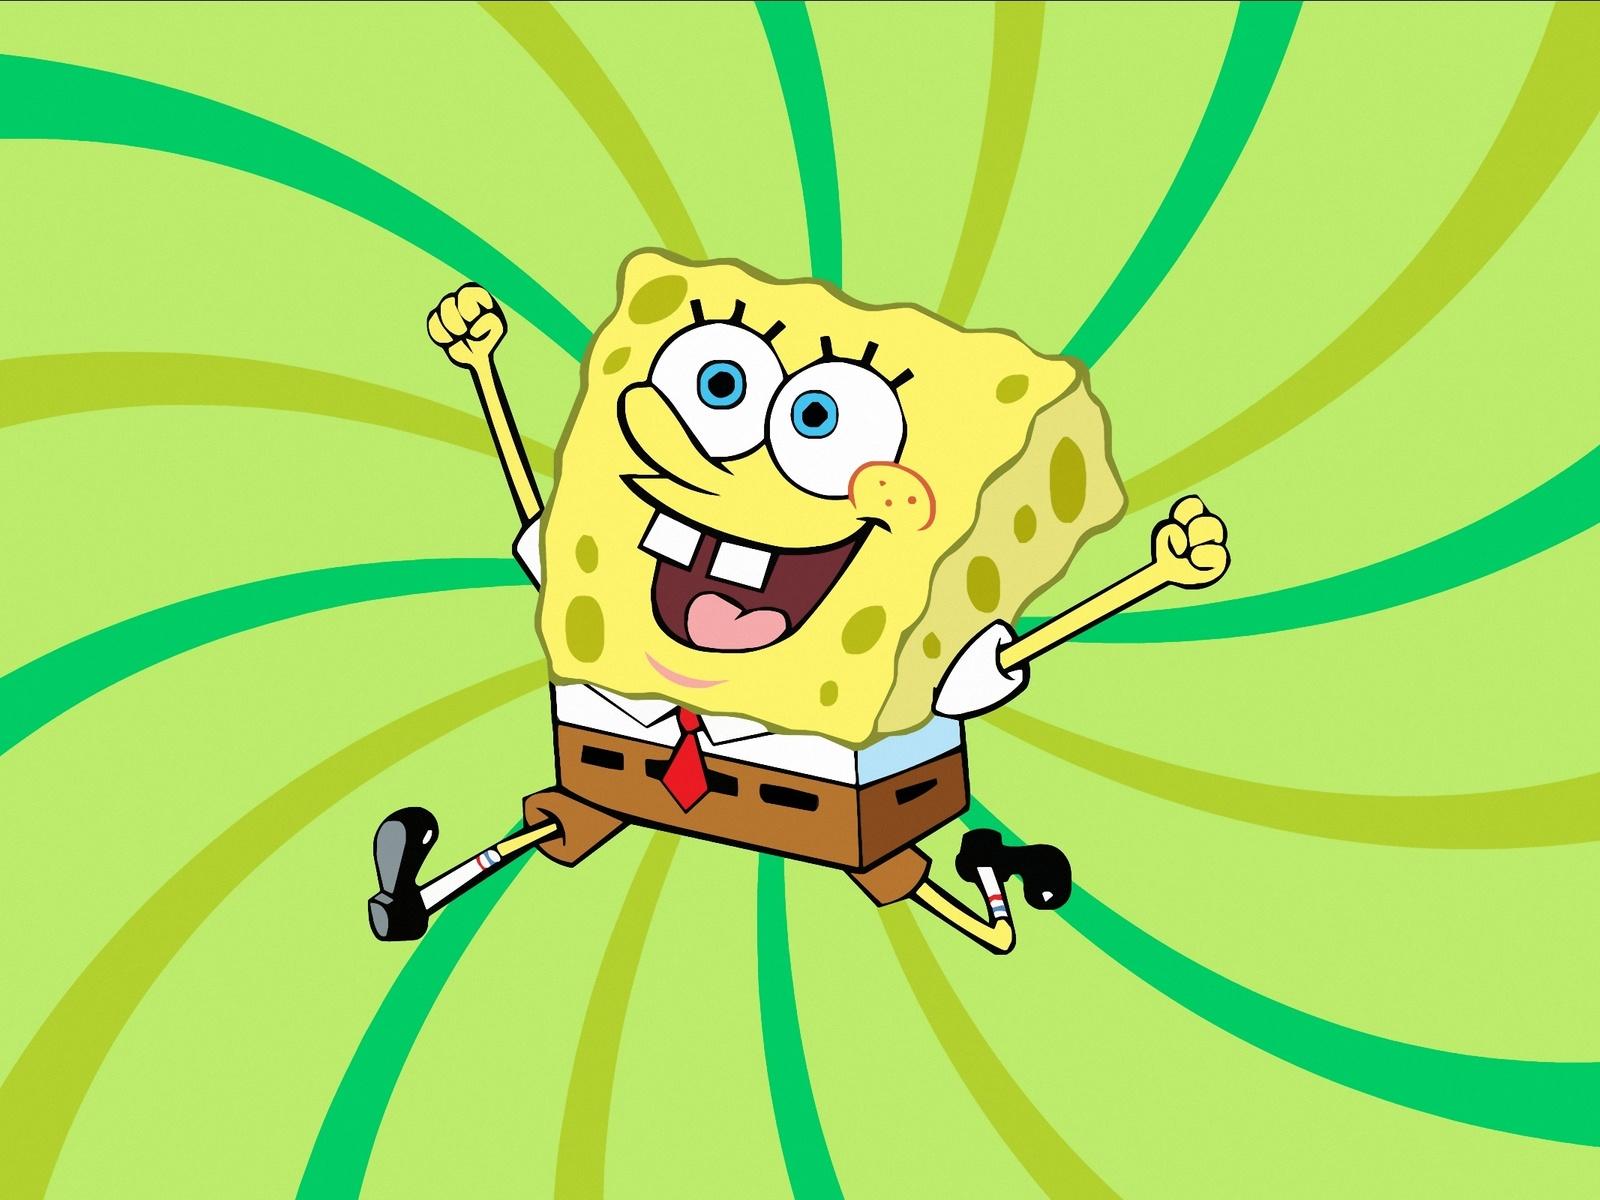 мультфильм, губка боб, квадратные штаны, персонаж, позитив, фон, ярко, красиво